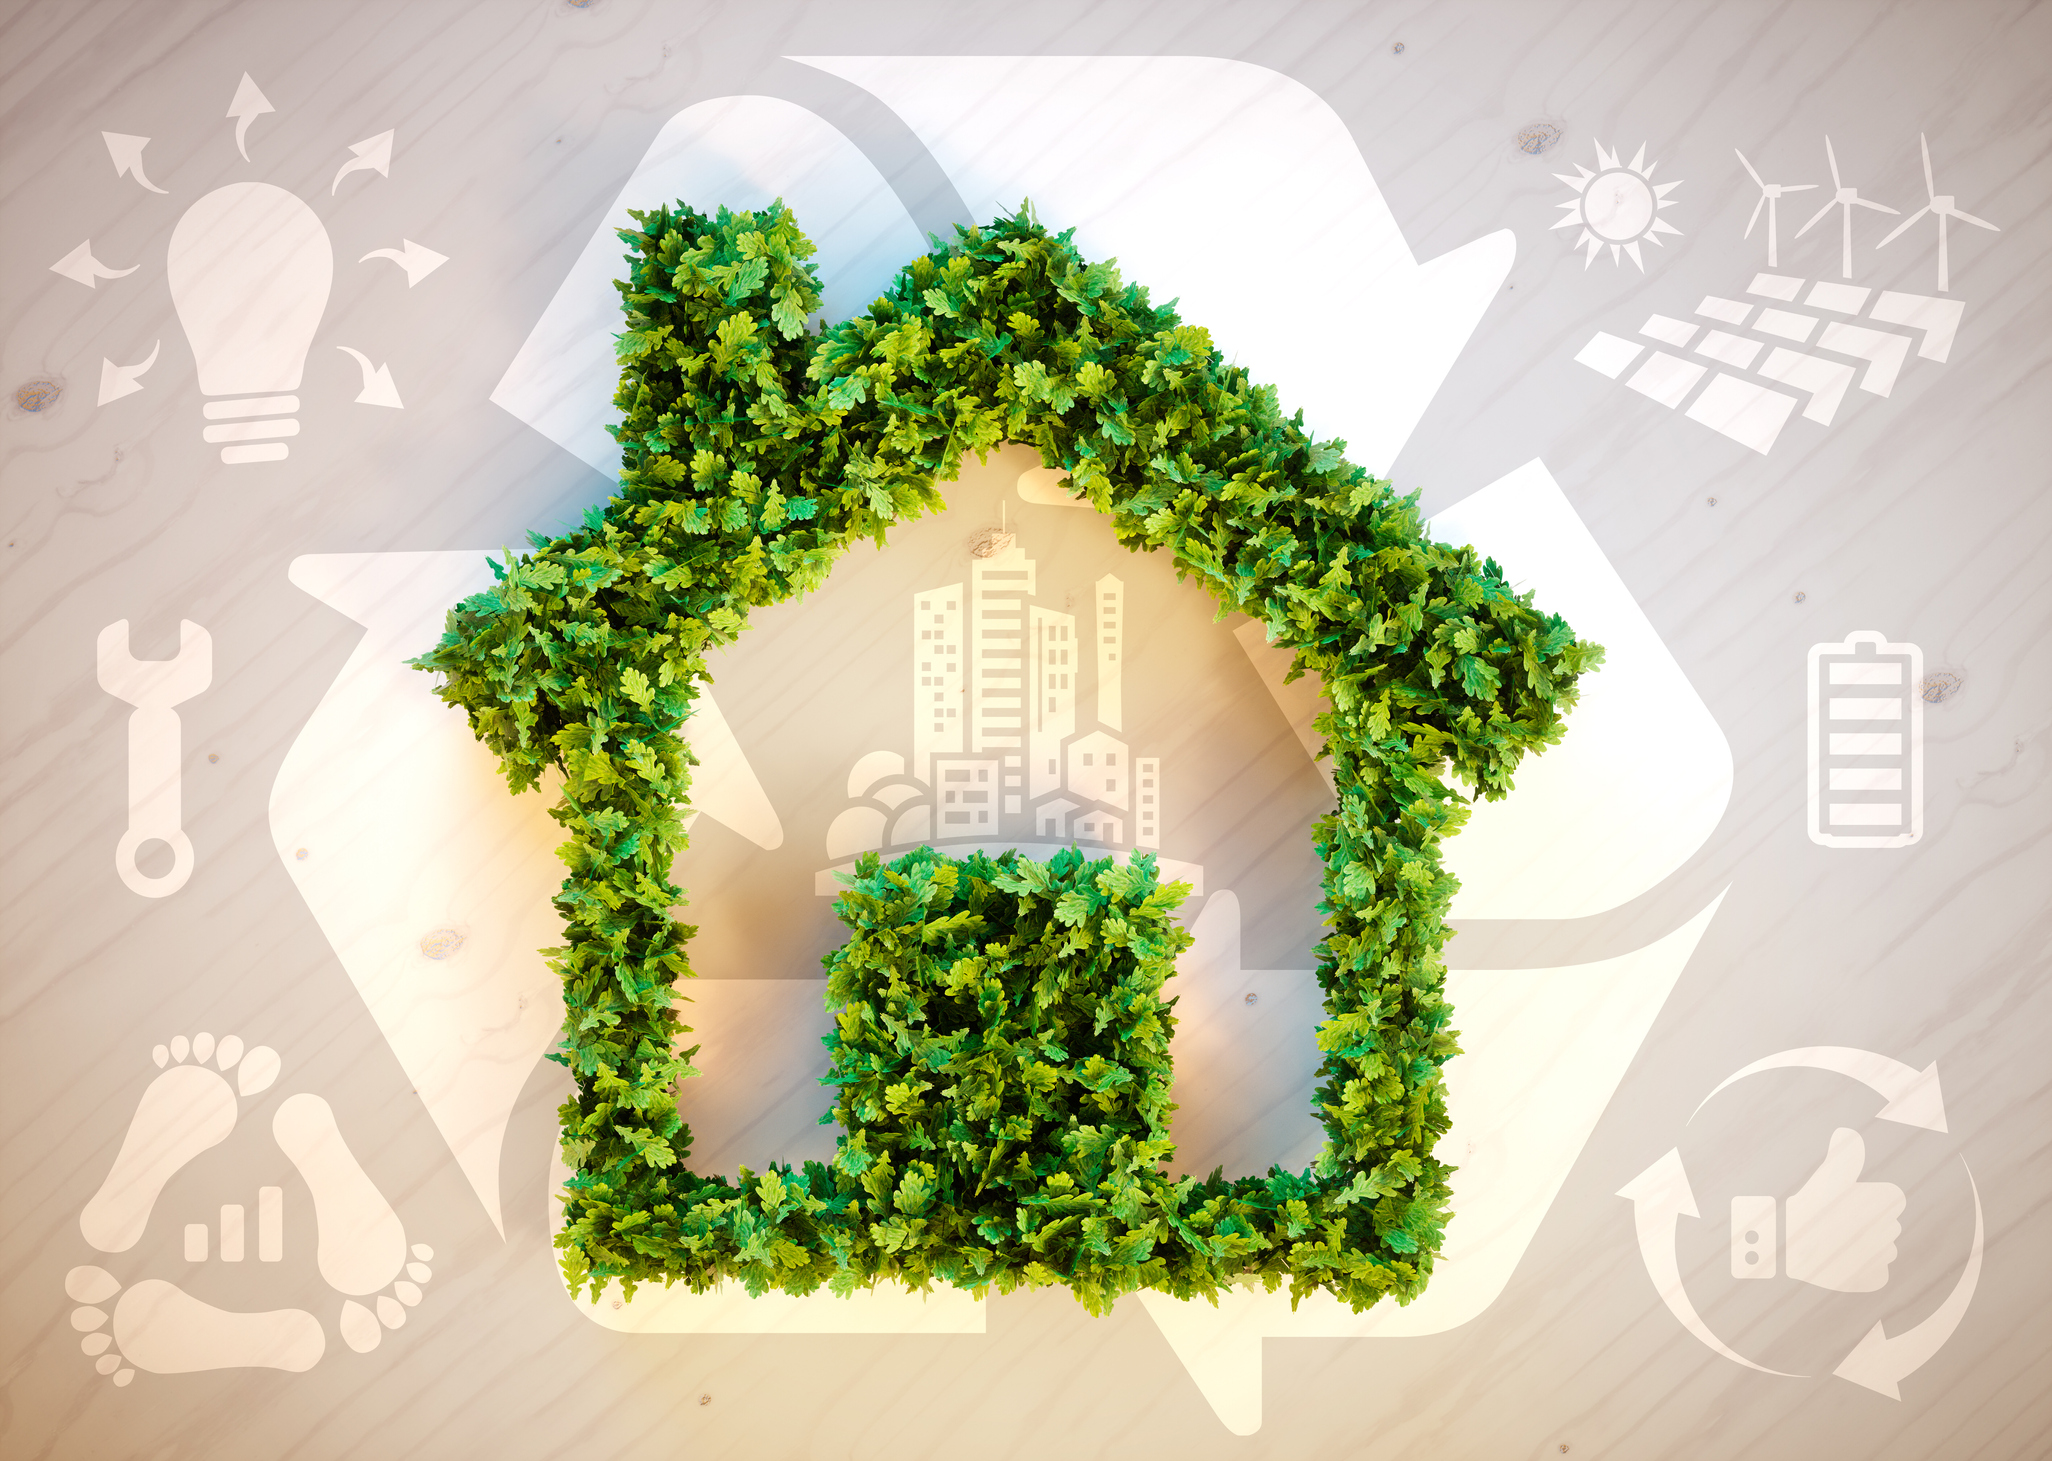 Tornar a casa sustentável: candidaturas a apoio já arrancaram